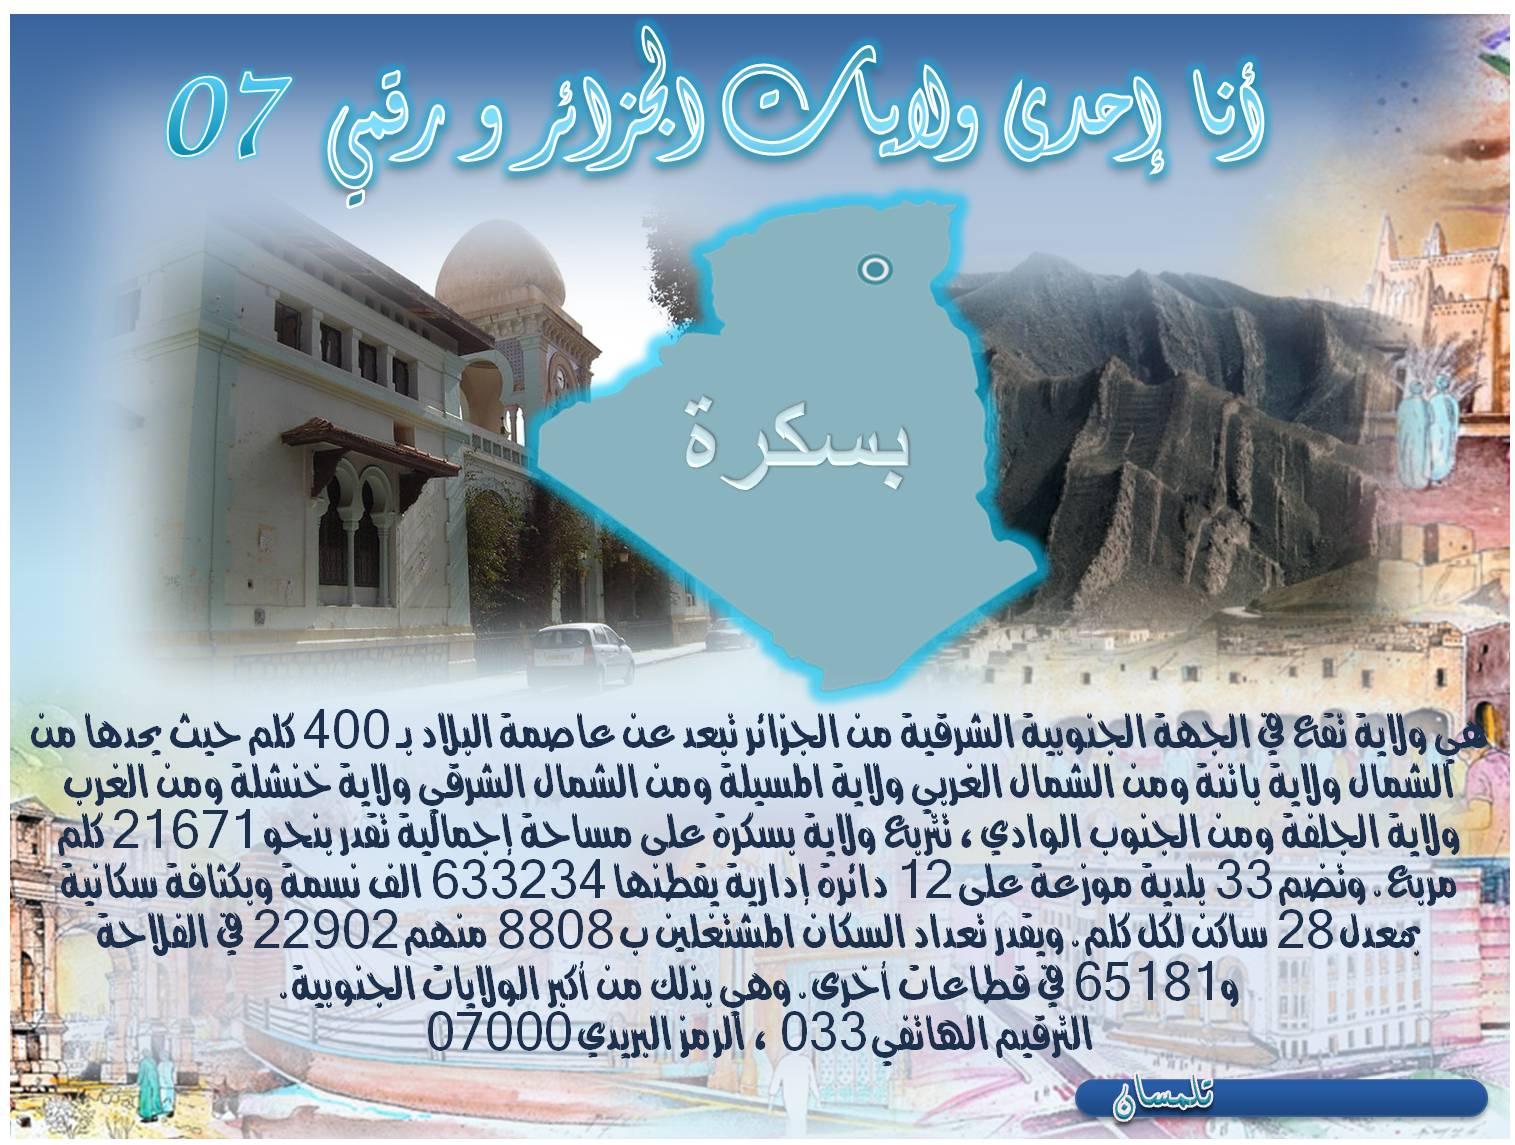 انا احدى ولايات الجزائر ورقمي 07 710.jpg